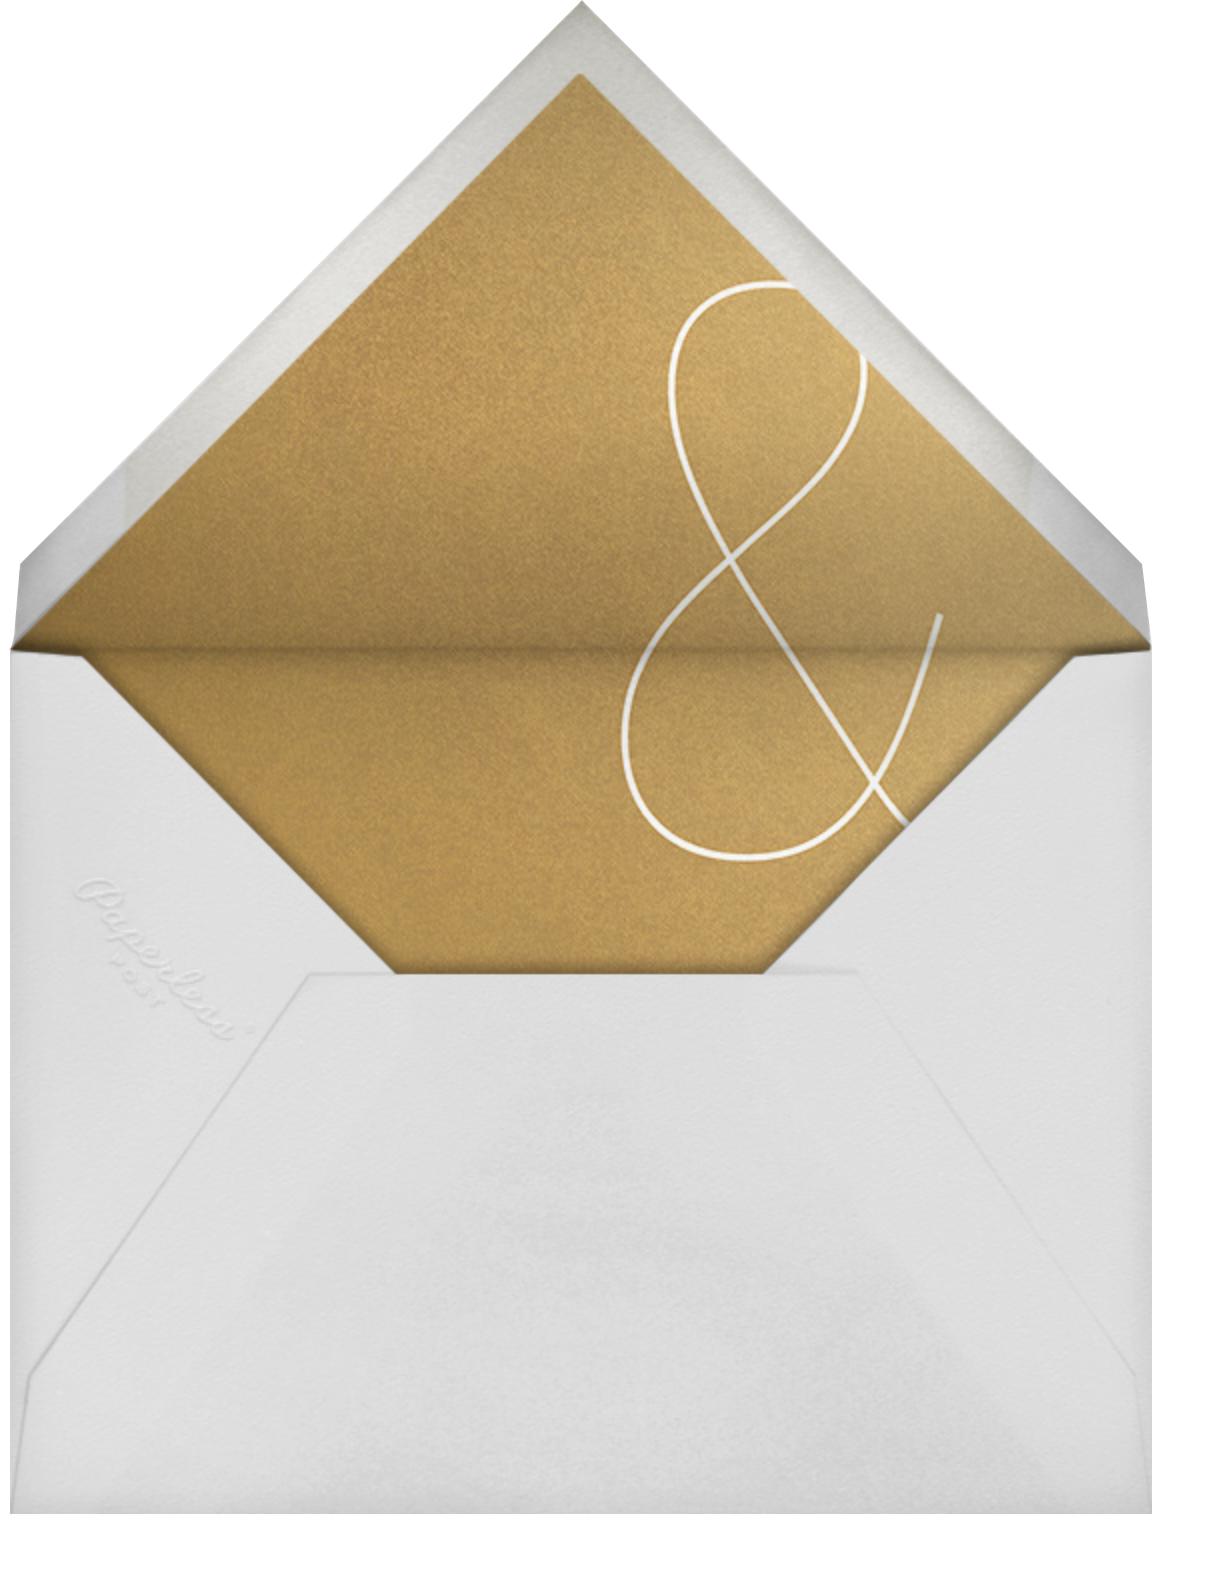 Golden Pair (Invitation) - Paperless Post - All - envelope back